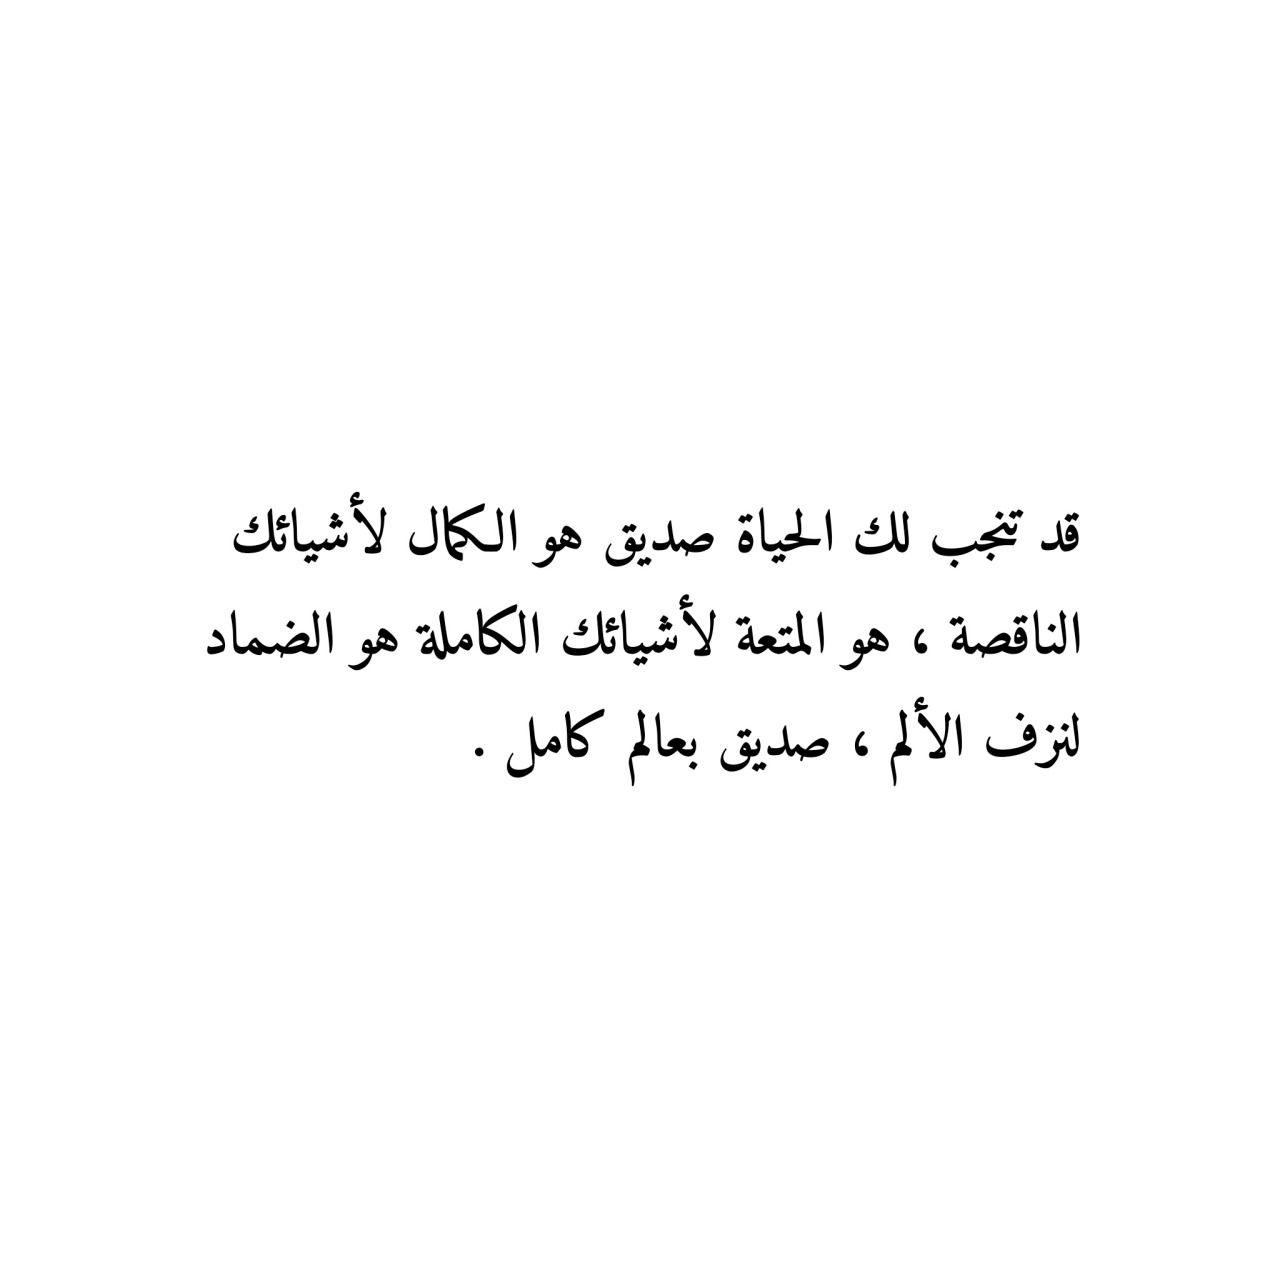 أمنياتي لِ السمآ أقرب | Arabic quotes اقتباسات | Friendship